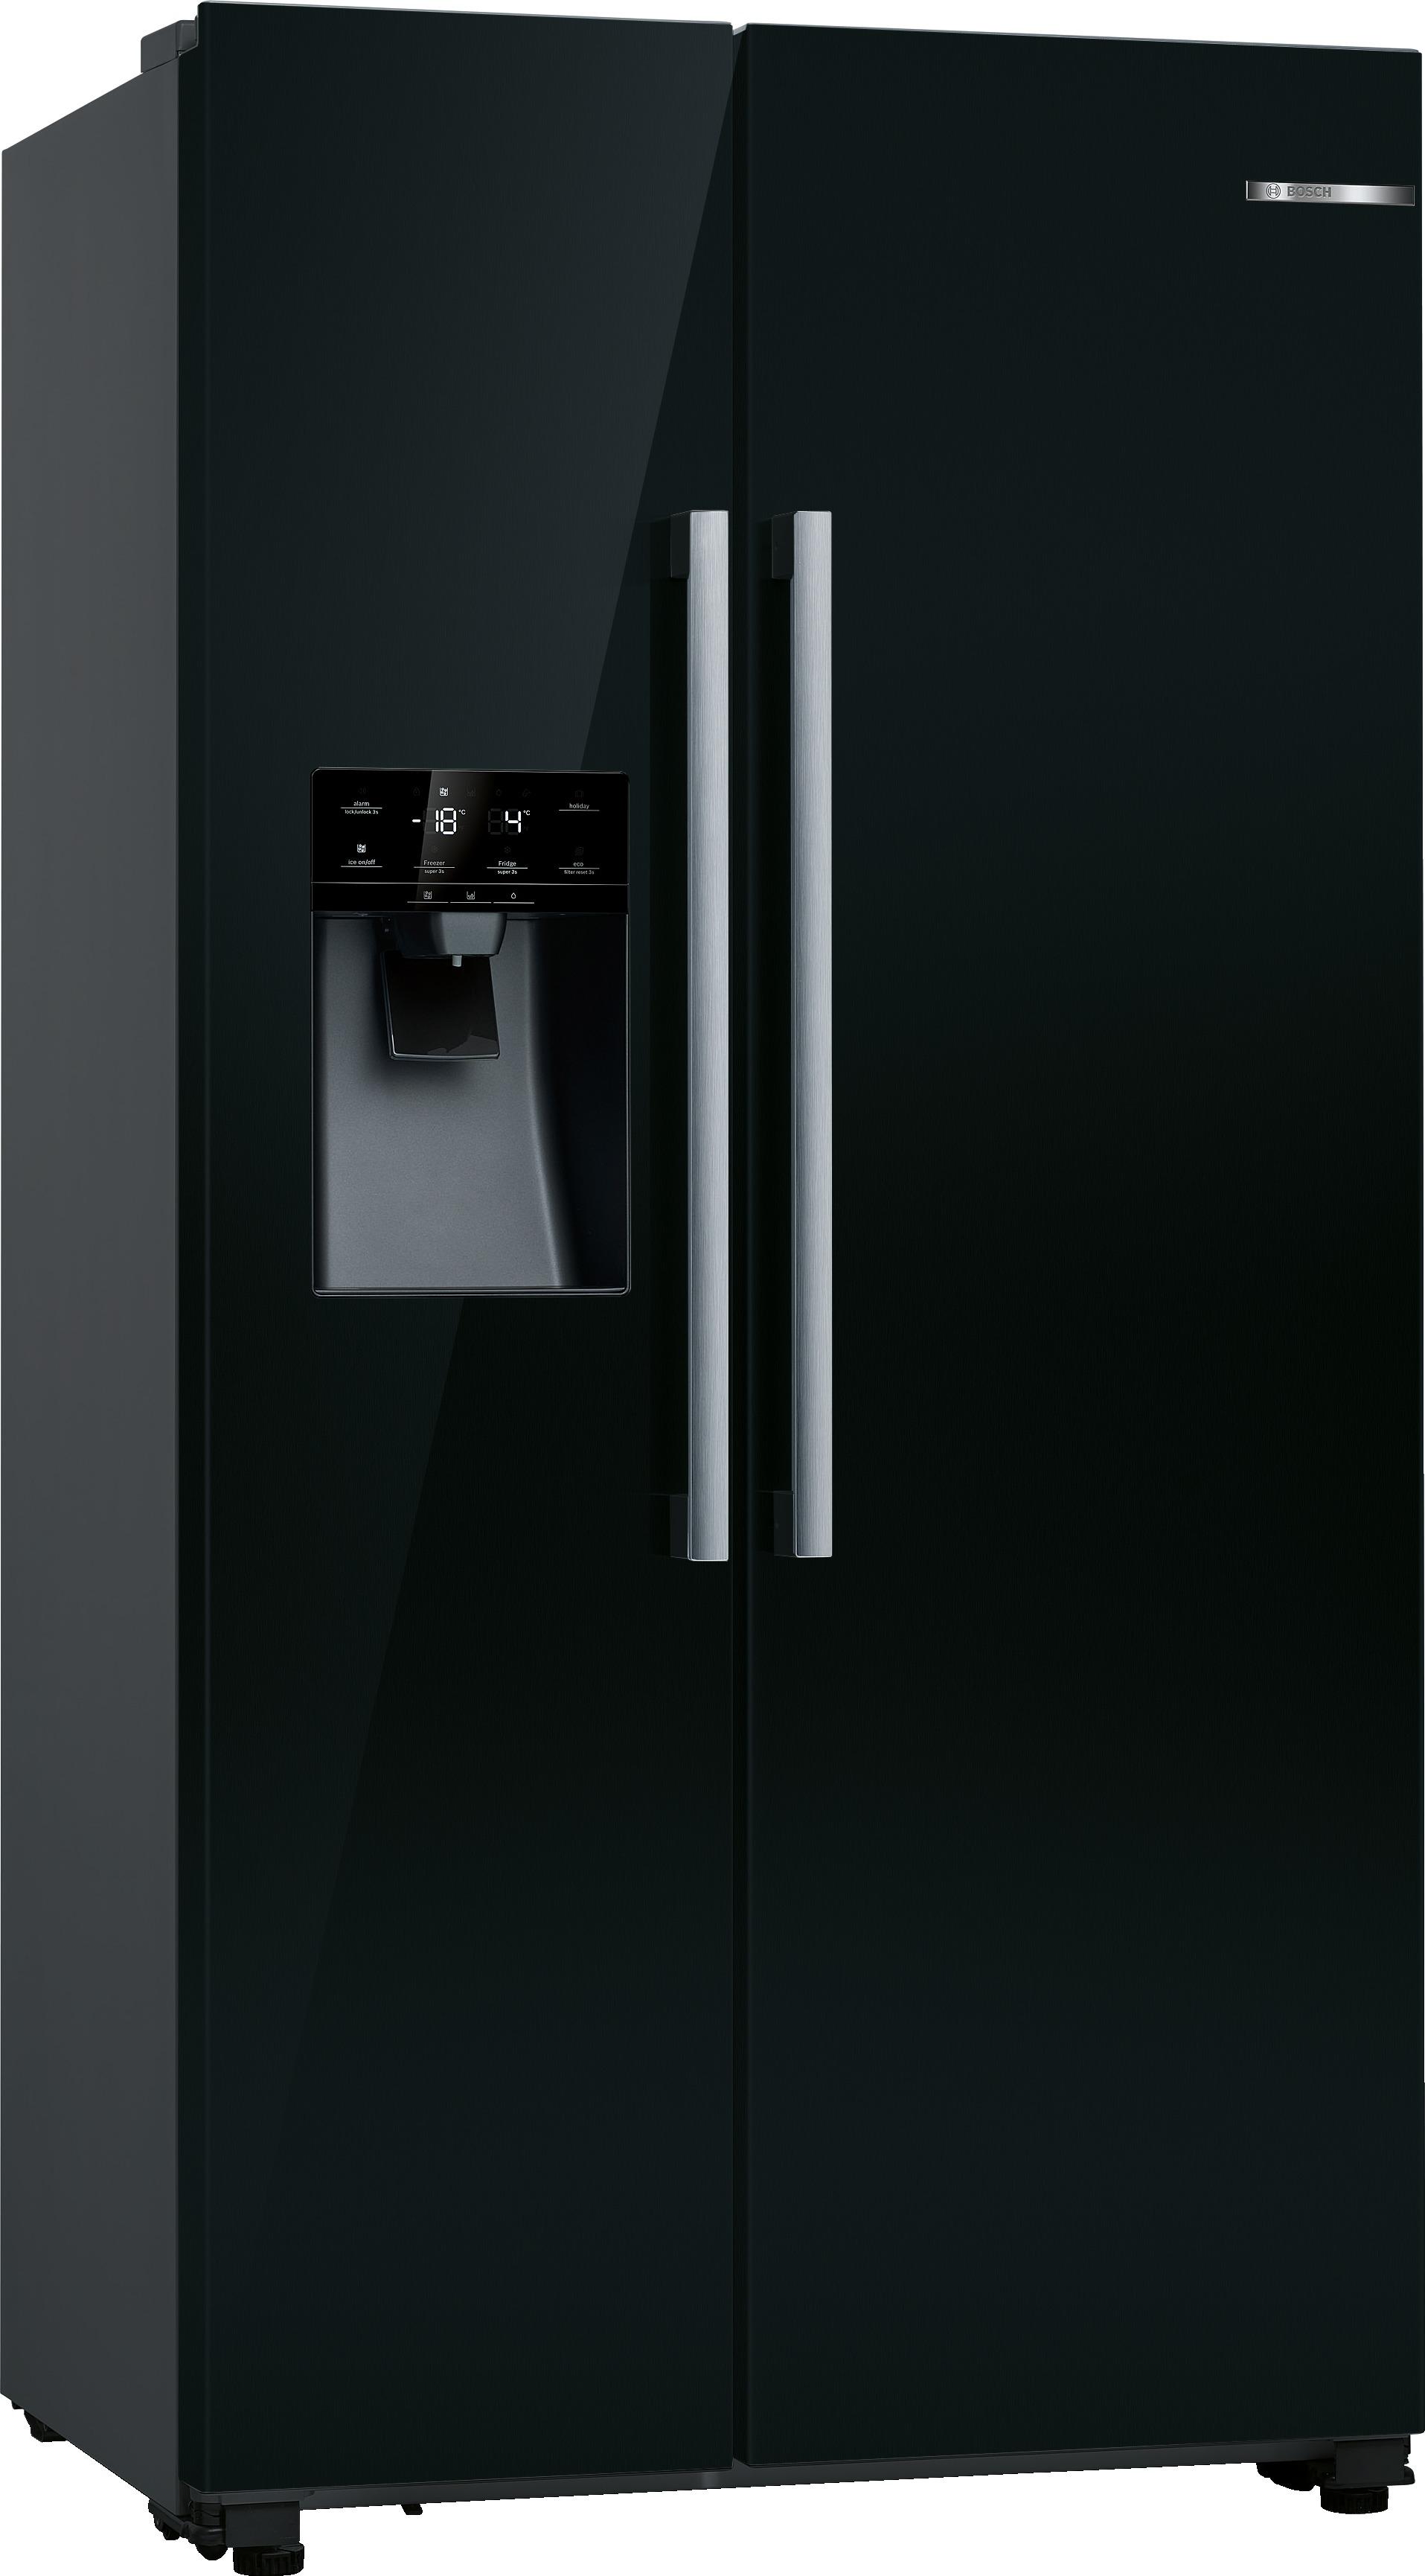 Bosch KAD93VBFP amerikaanse koelkast - Prijsvergelijk